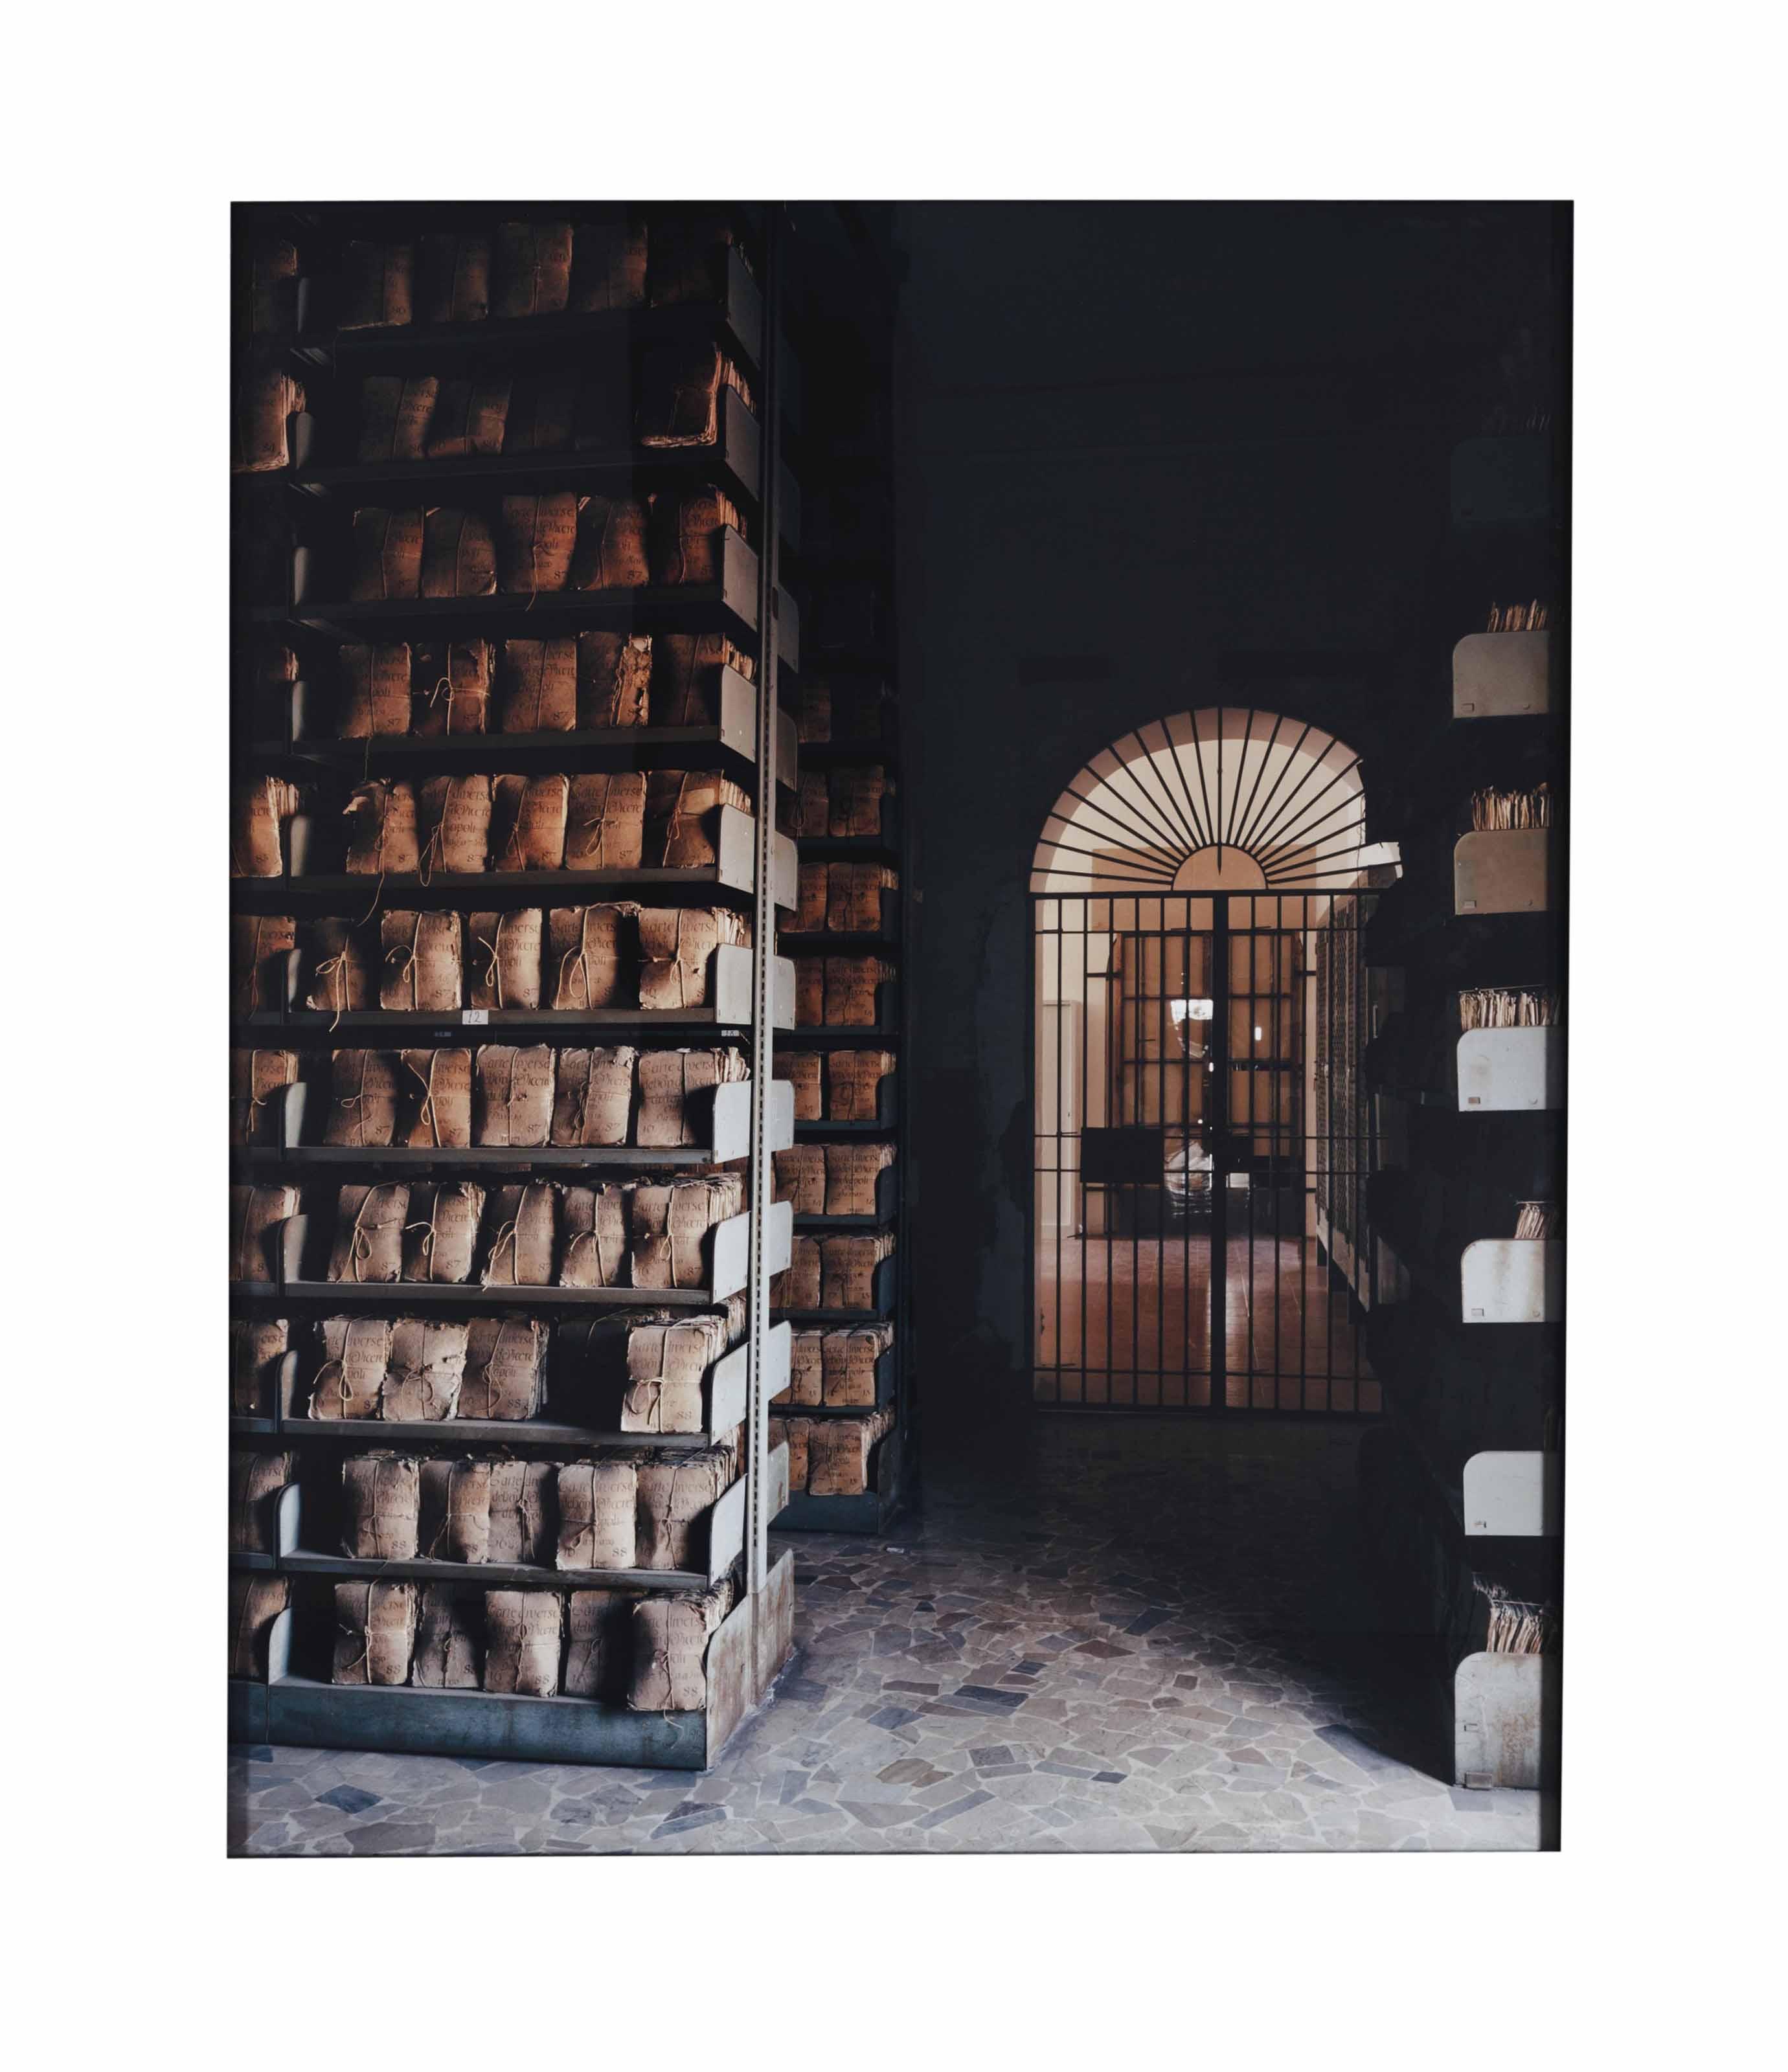 Vincere Archive, Naples No.1, 1997